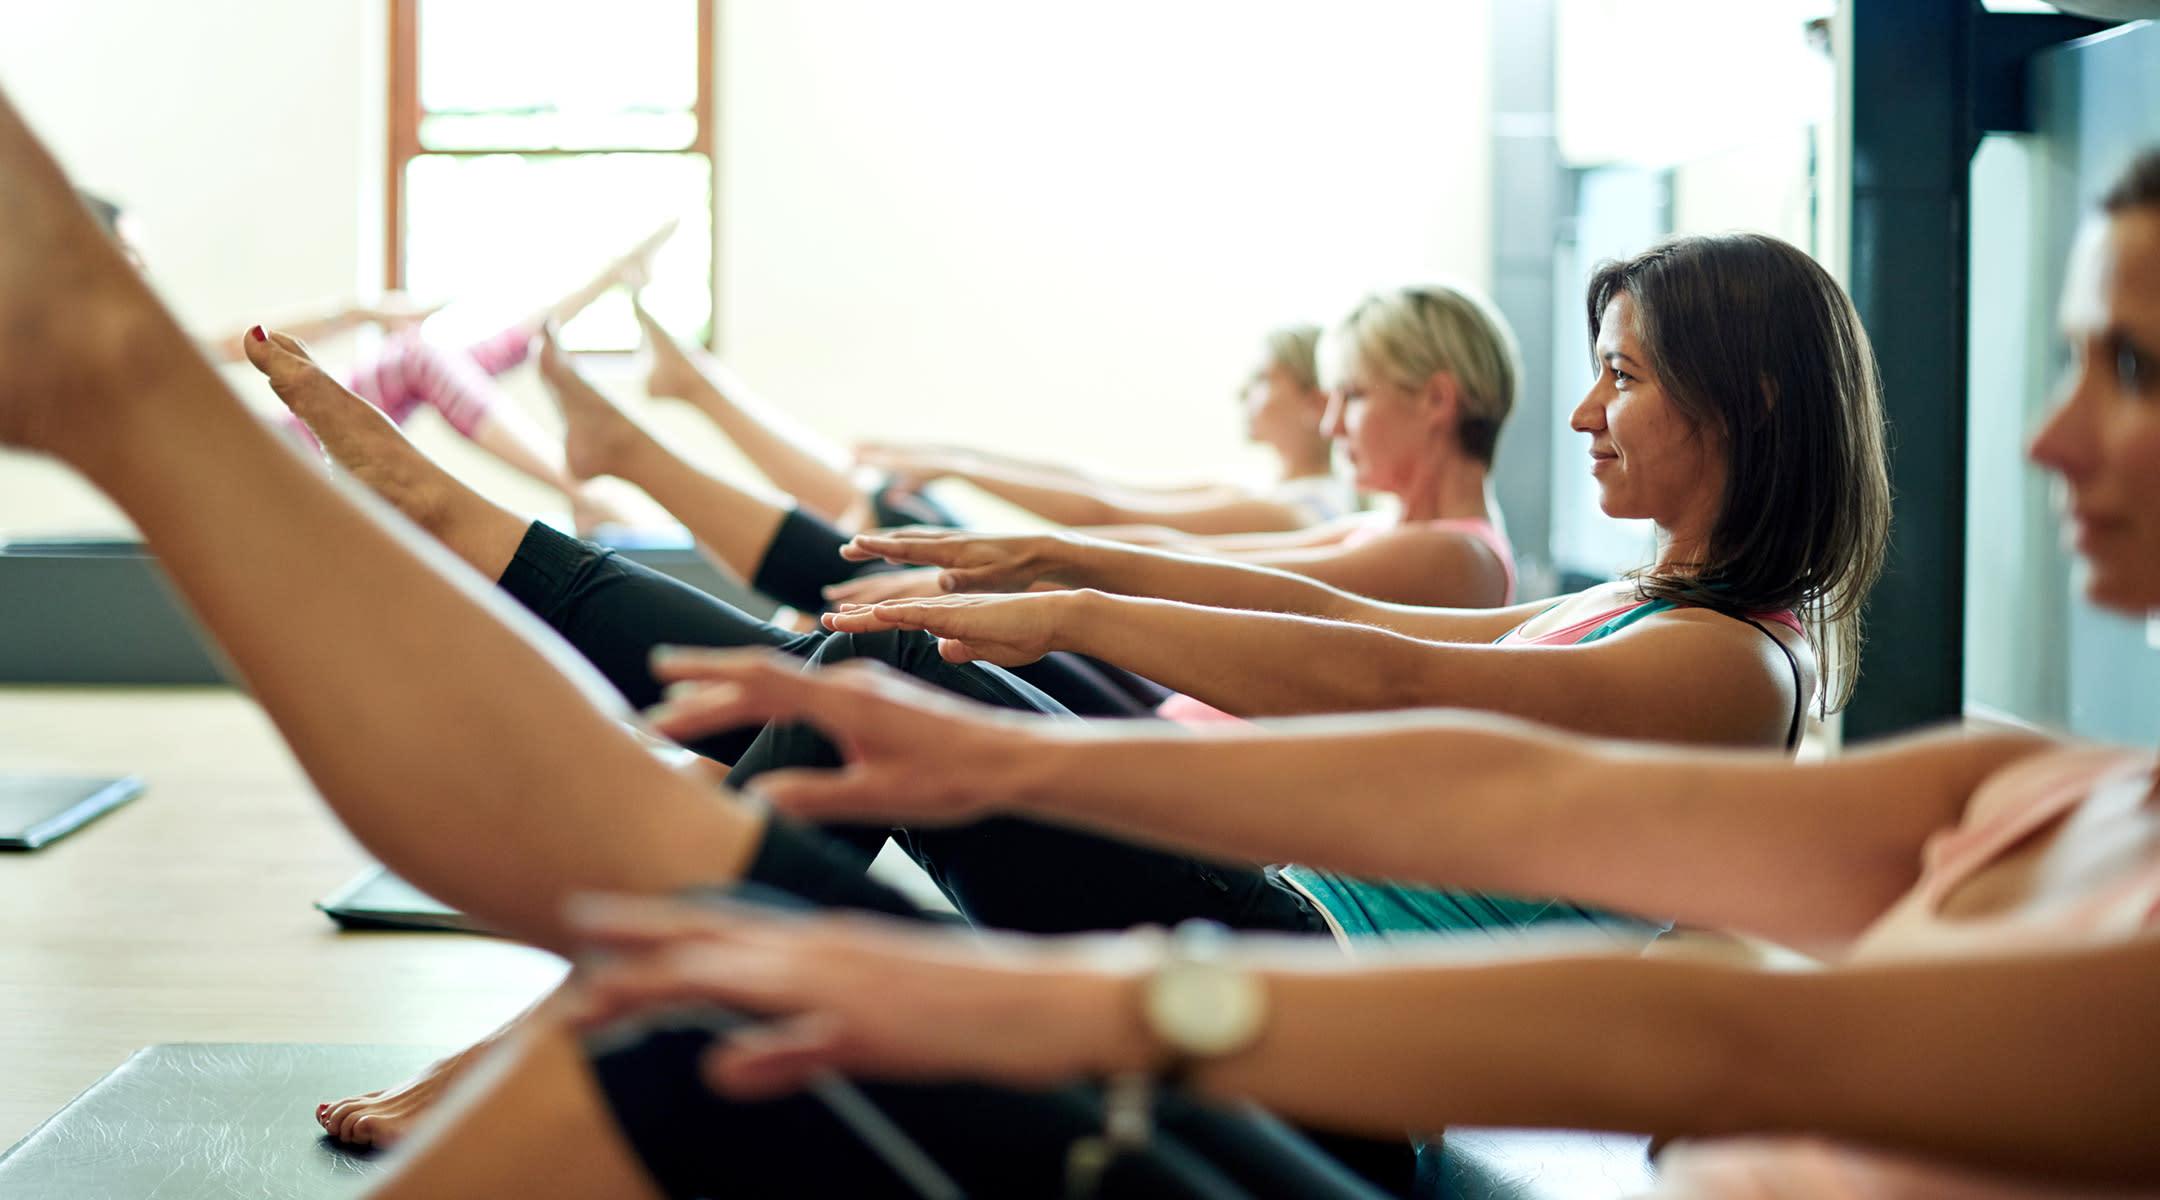 indoors pilates class